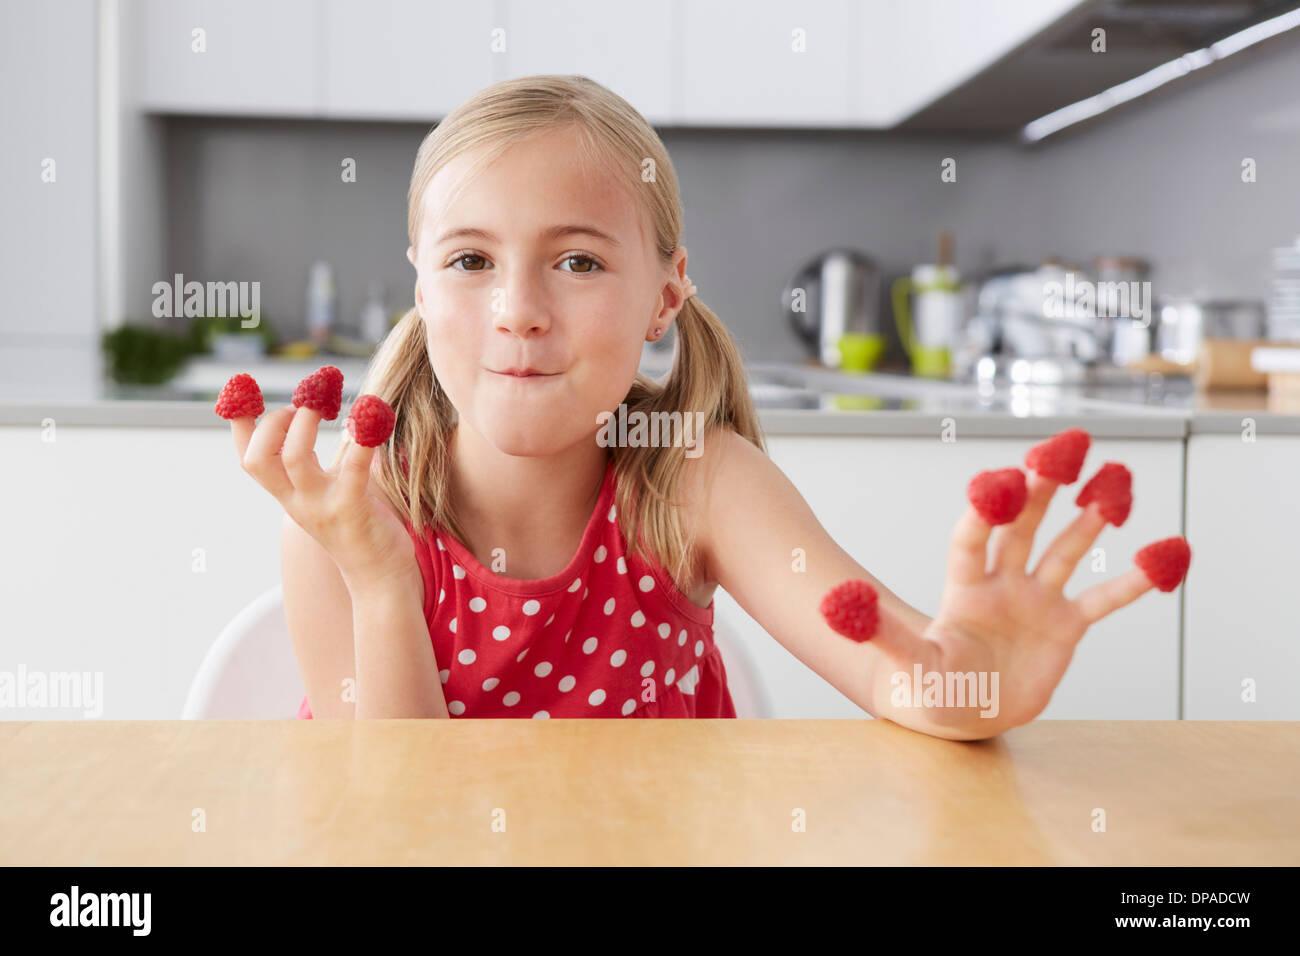 Mädchen essen Himbeeren von Fingern Stockbild